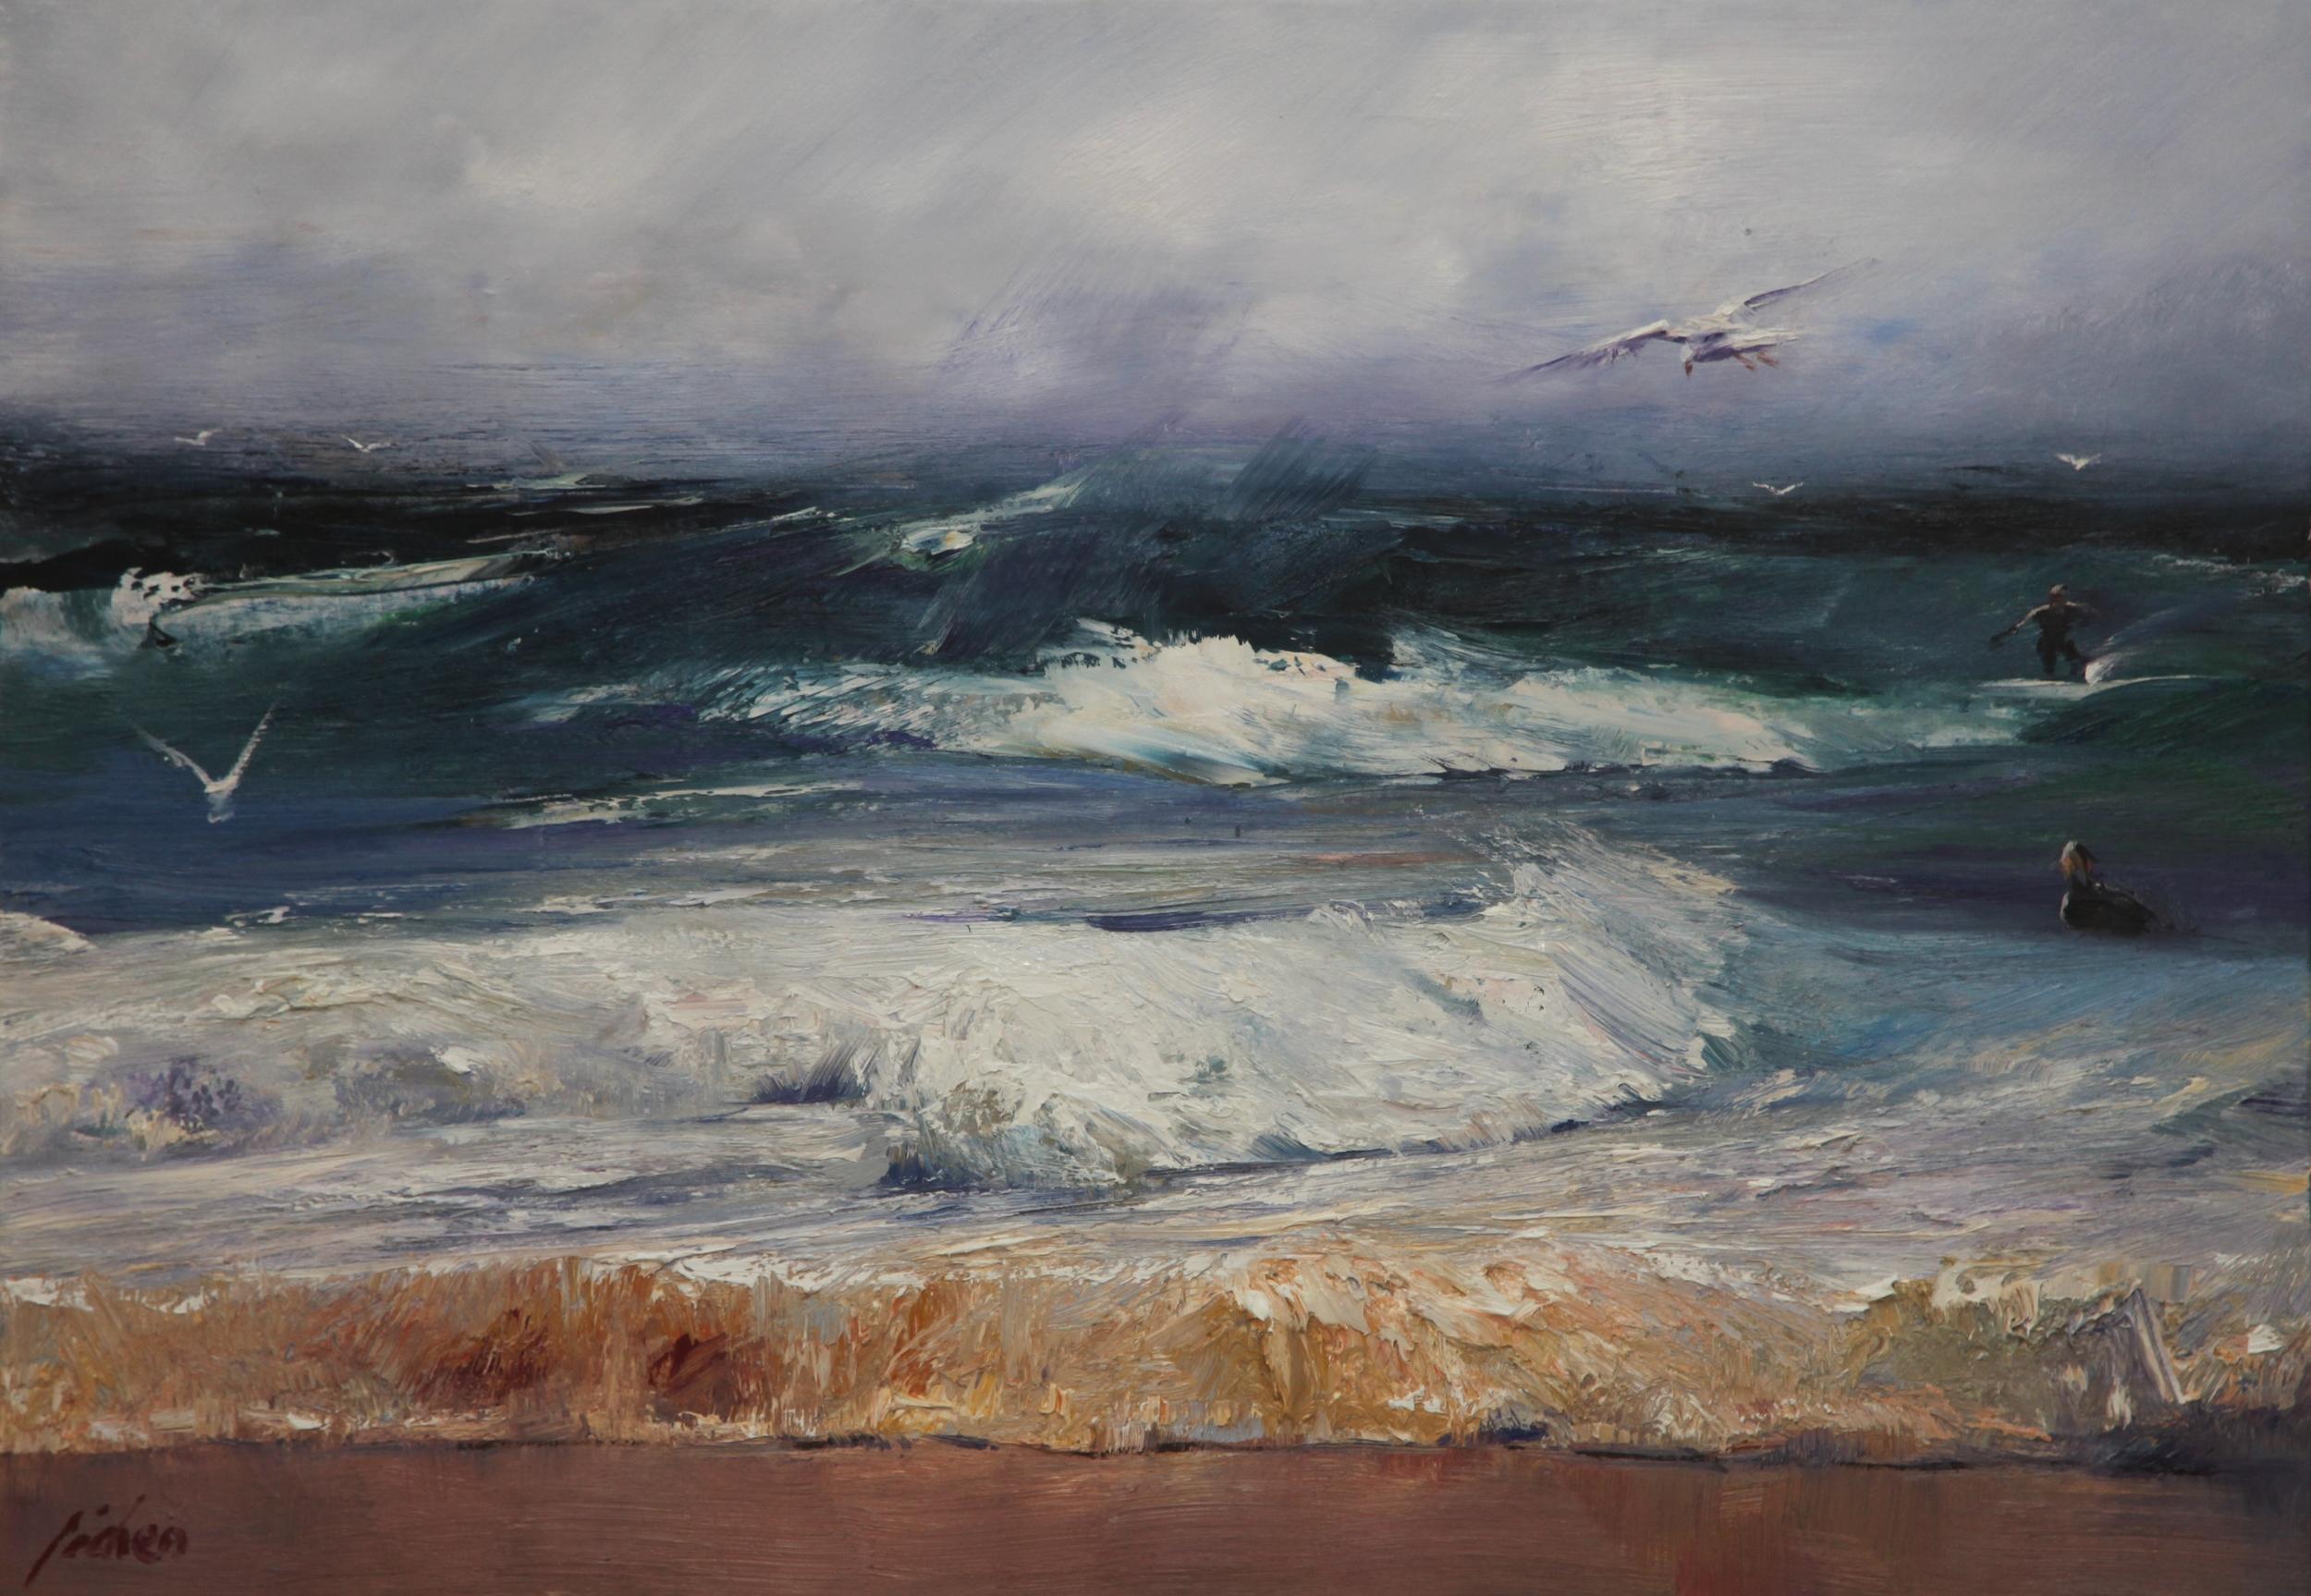 Surf Beach(phillip Is) (85x60).JPG